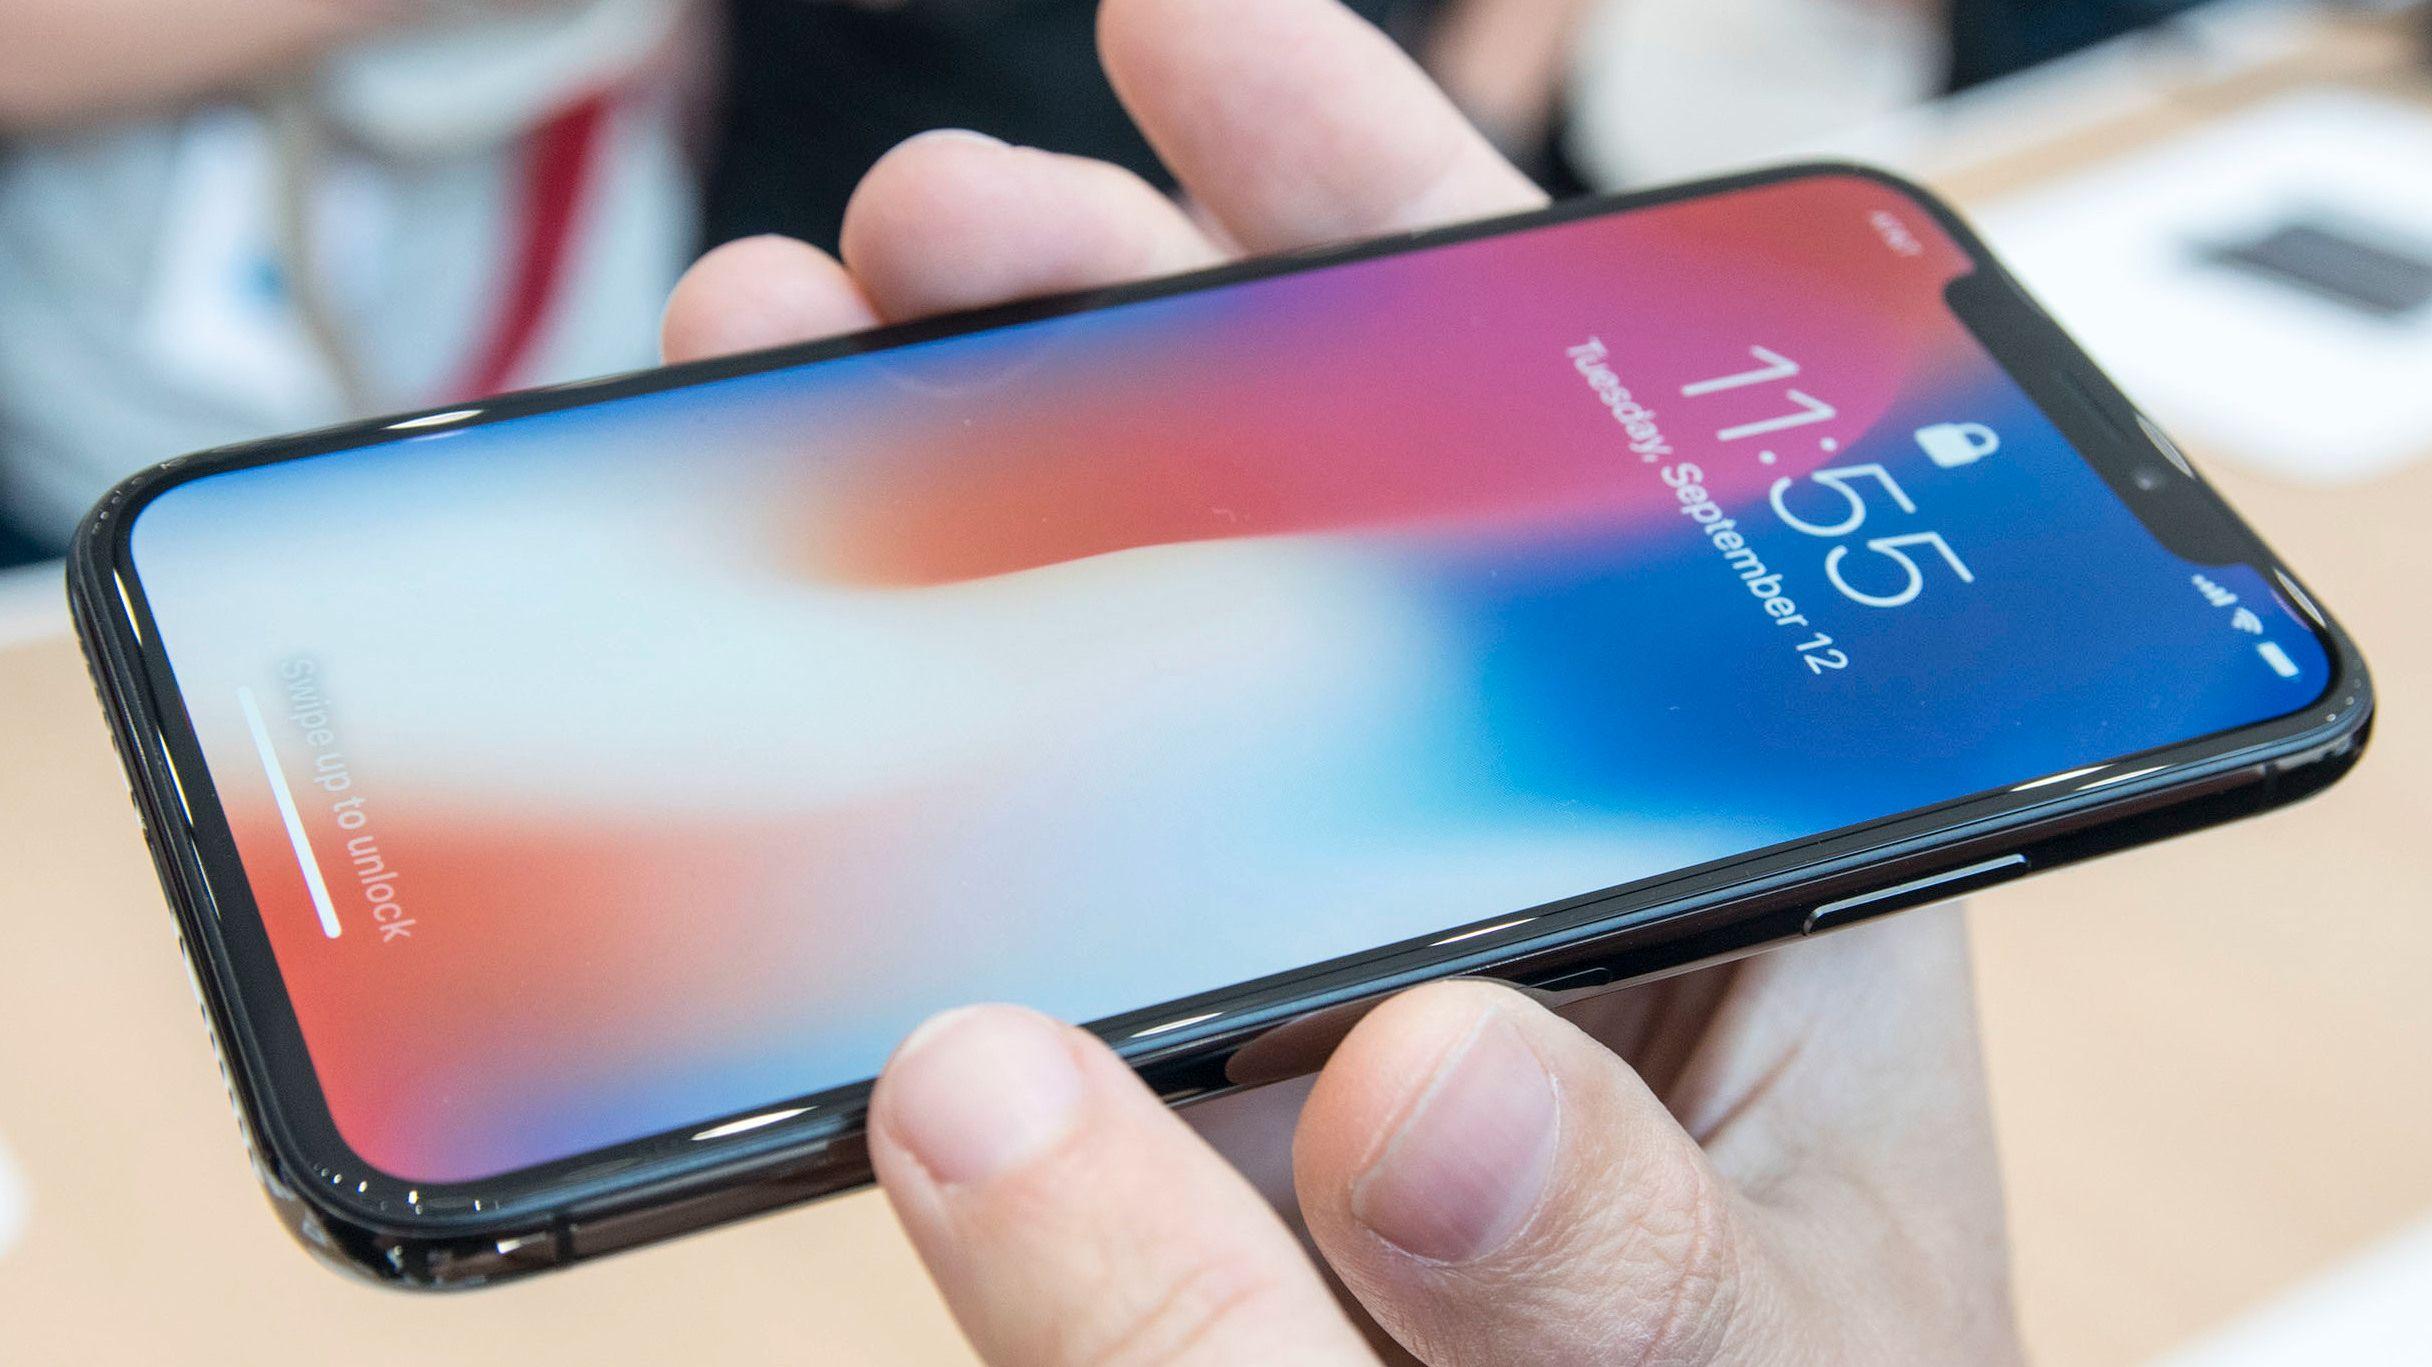 Nå kan du se Netflix i toppkvalitet på Apples nye telefoner